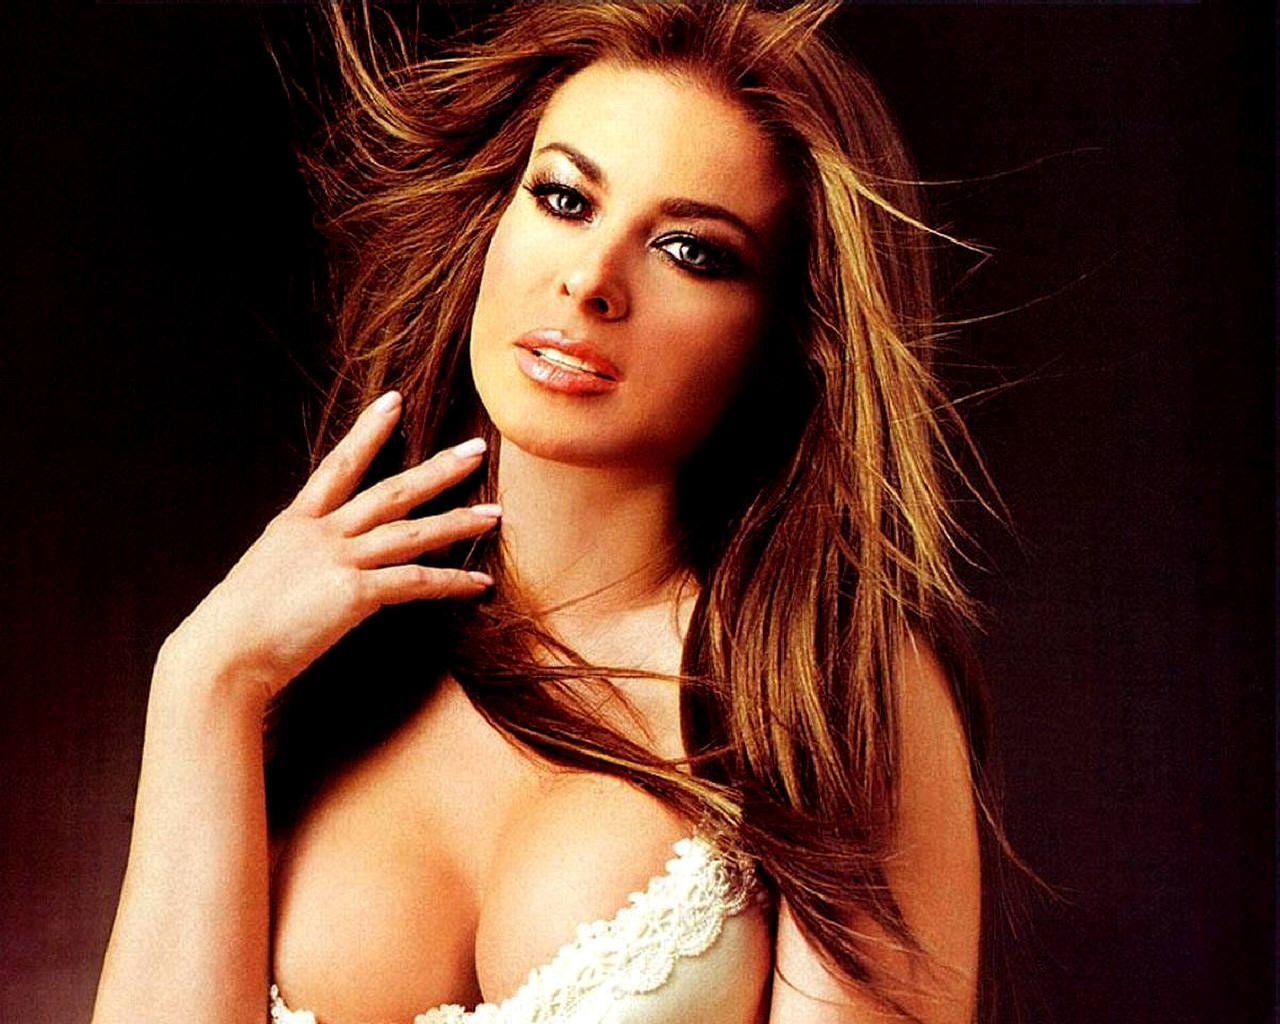 http://4.bp.blogspot.com/-TnUKjO17jak/TePlZa8Br1I/AAAAAAAAAFI/3mI4-feLKR4/s1600/Carmen+Electra+%25284%2529.jpg